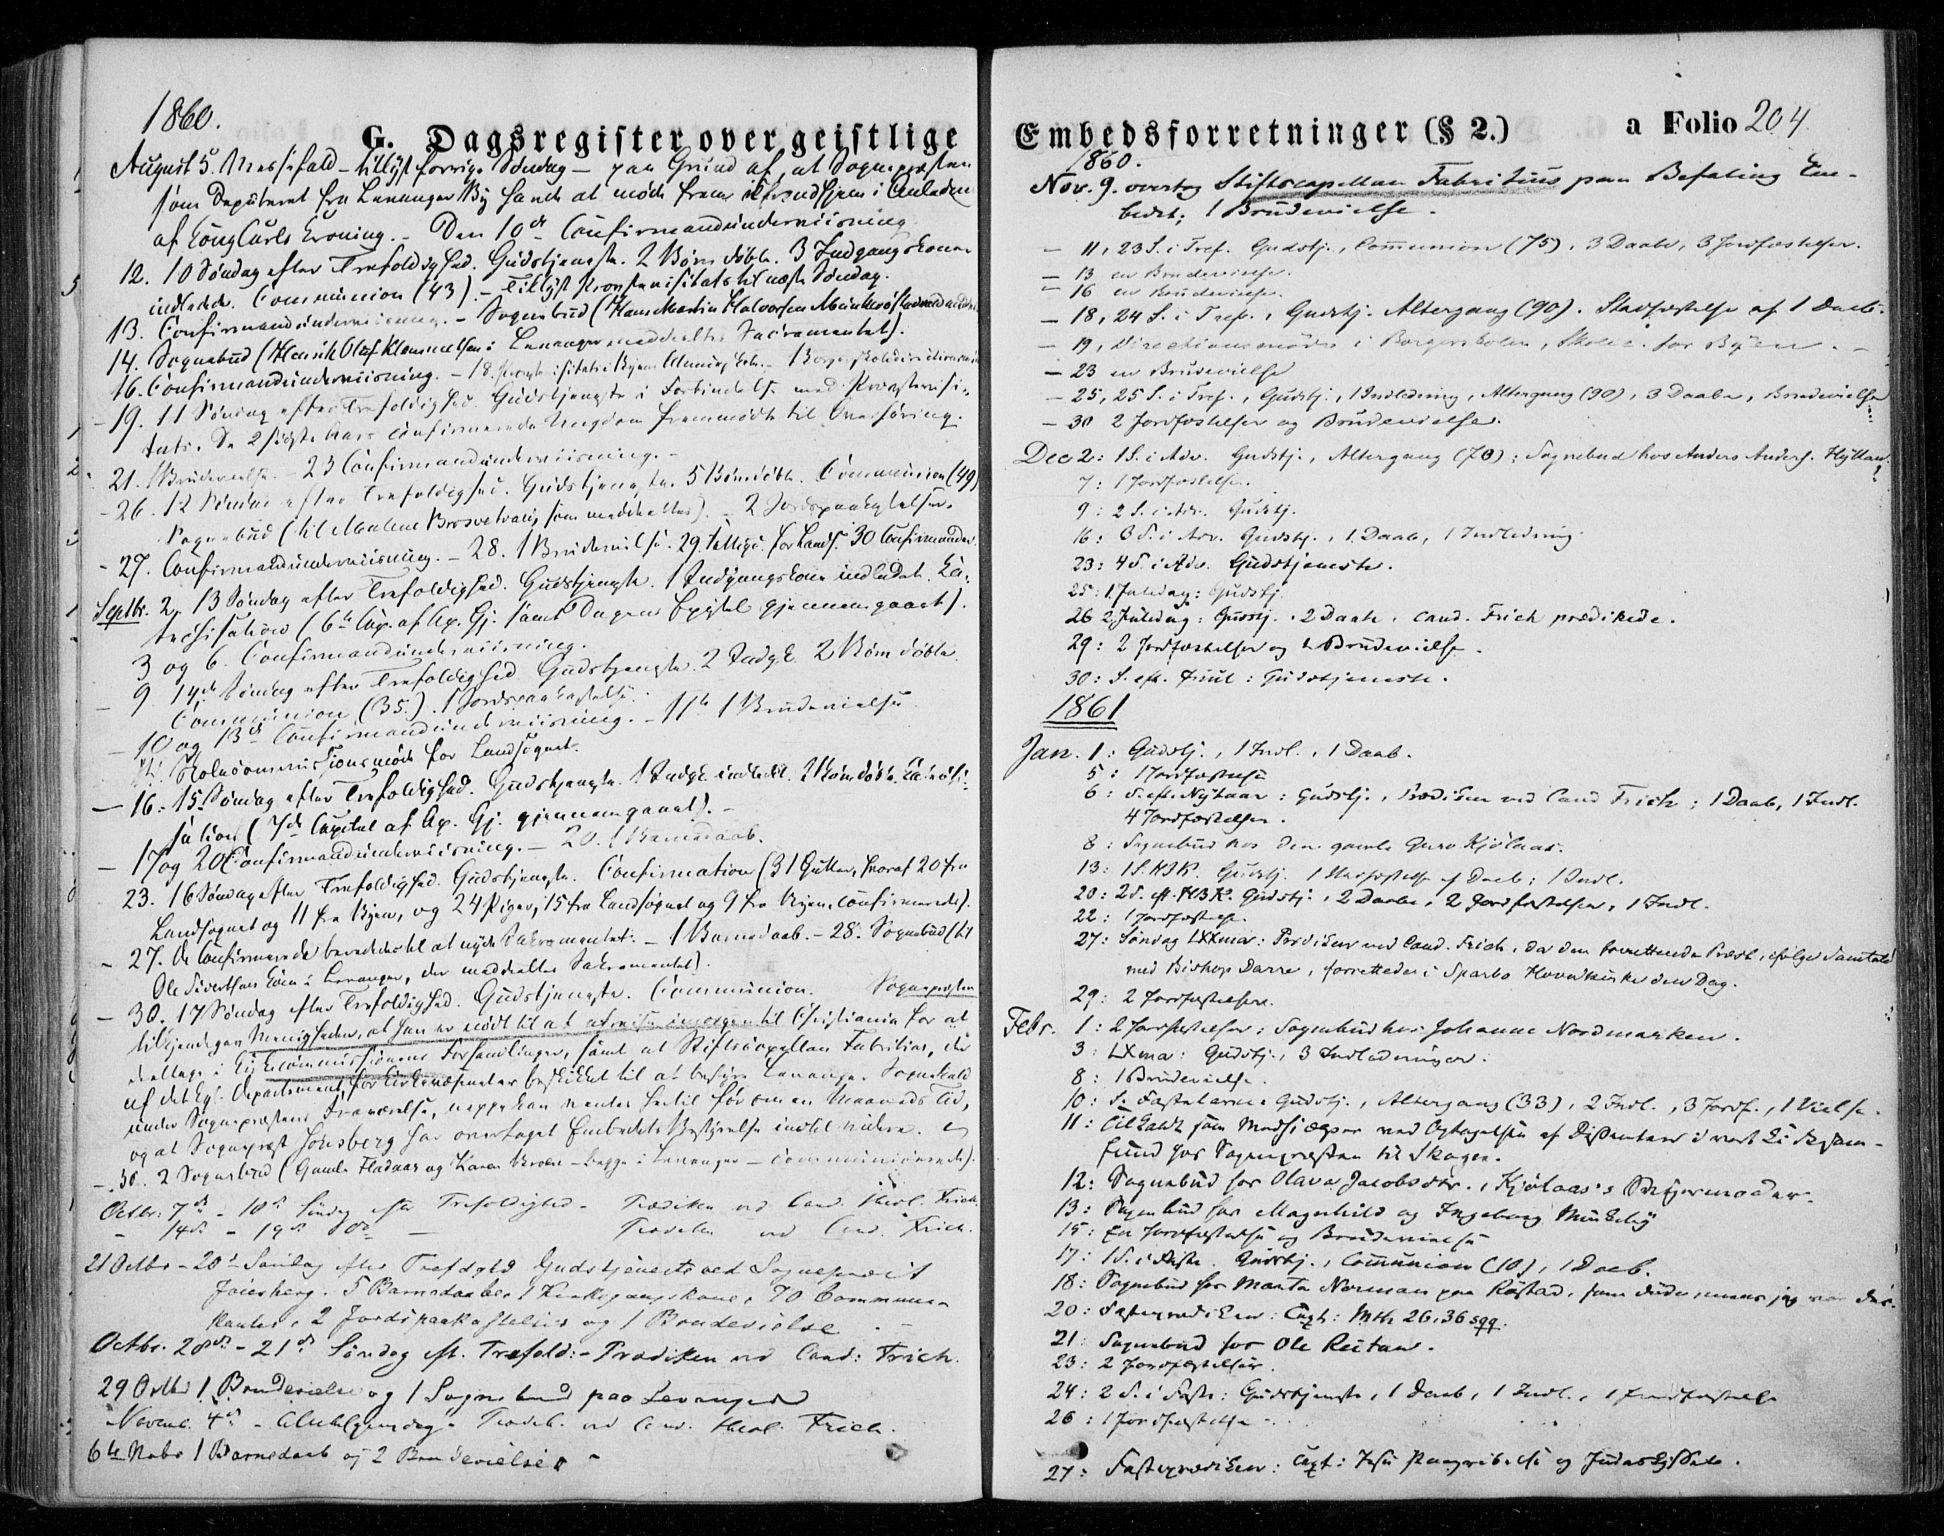 SAT, Ministerialprotokoller, klokkerbøker og fødselsregistre - Nord-Trøndelag, 720/L0184: Ministerialbok nr. 720A02 /1, 1855-1863, s. 204